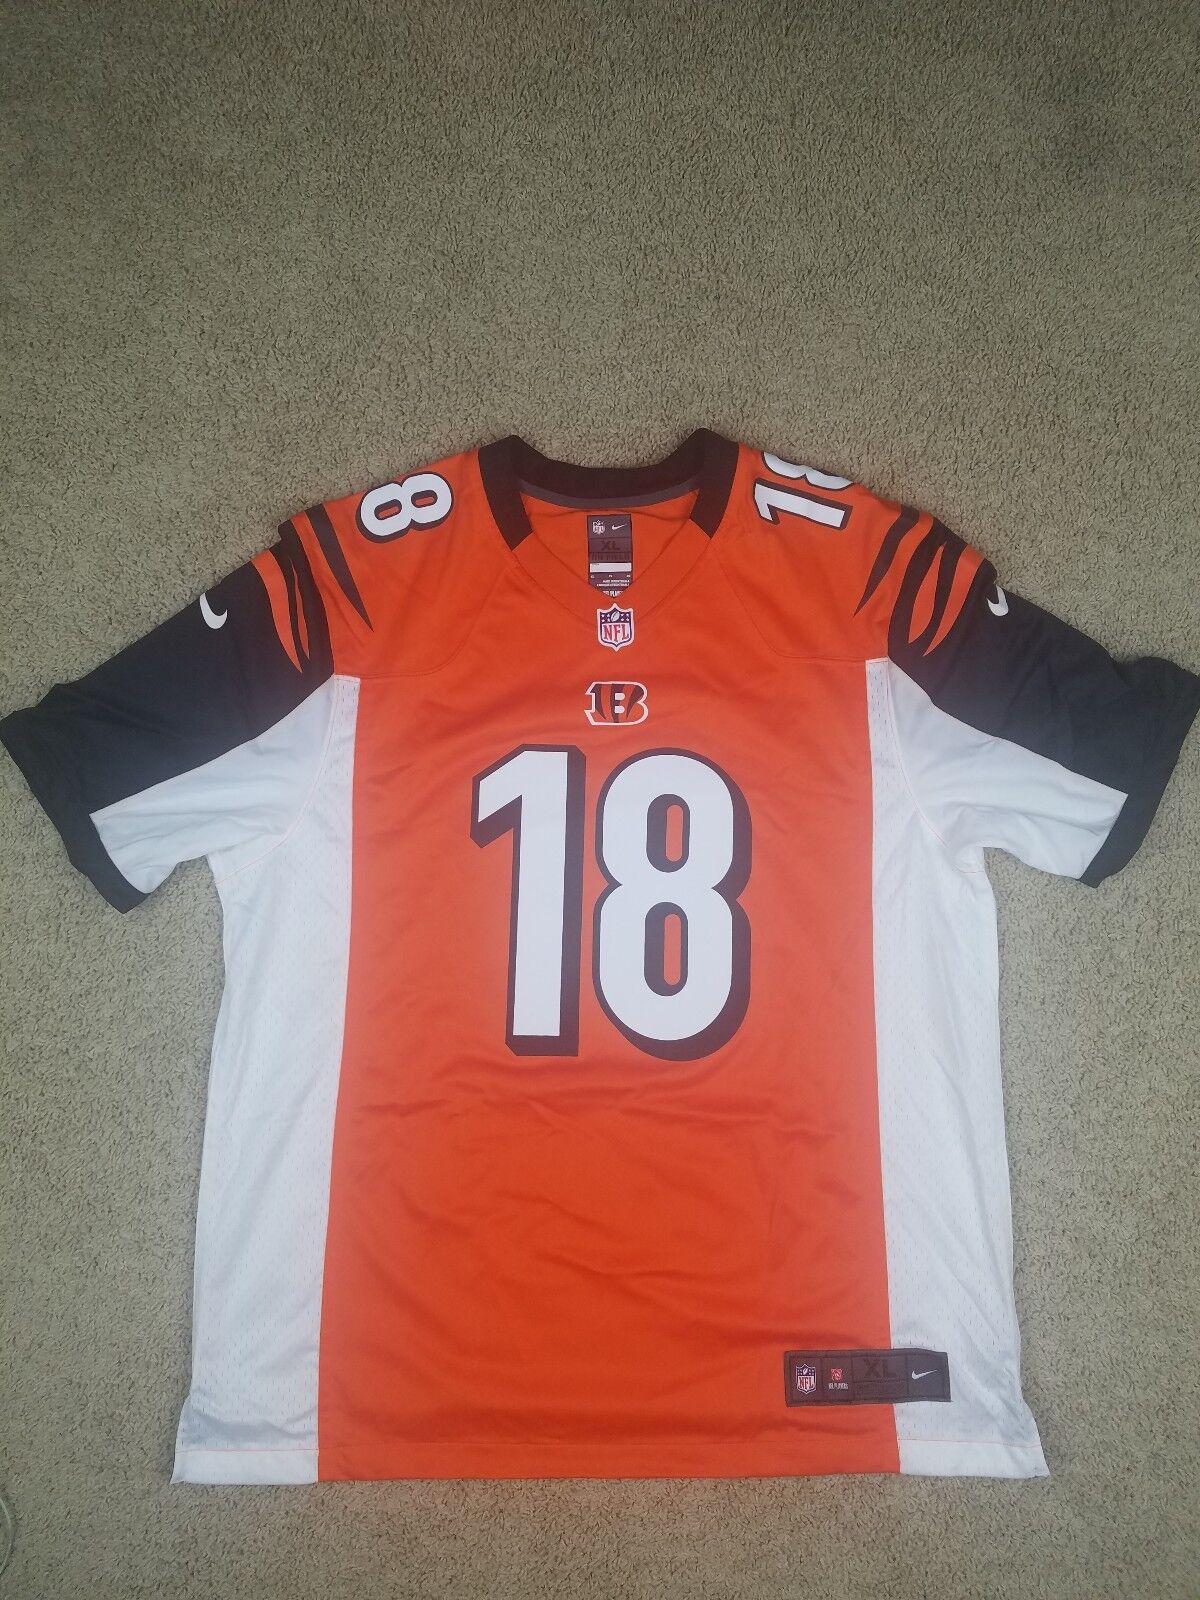 05b27a7a8 Nike NFL Cincinnati Bengals AJ Green #18 on Field Jersey Mens Size ...